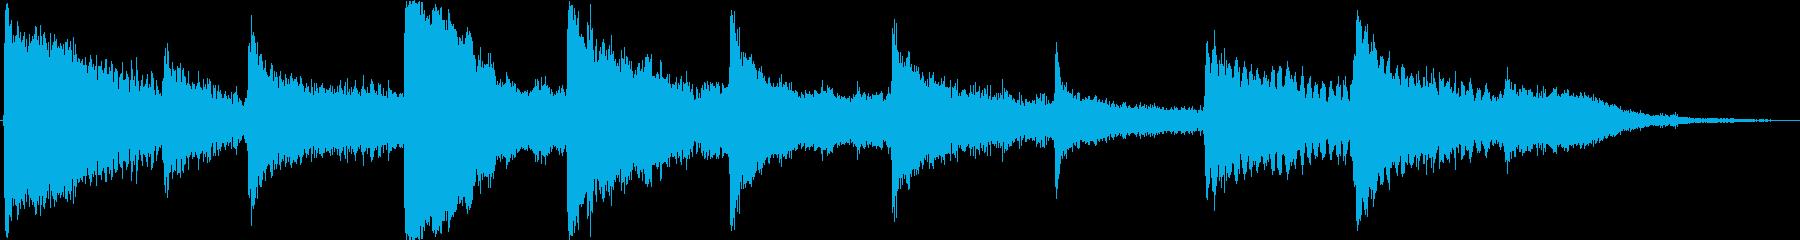 ドラマチックなピアノ弦張力アクセントの再生済みの波形